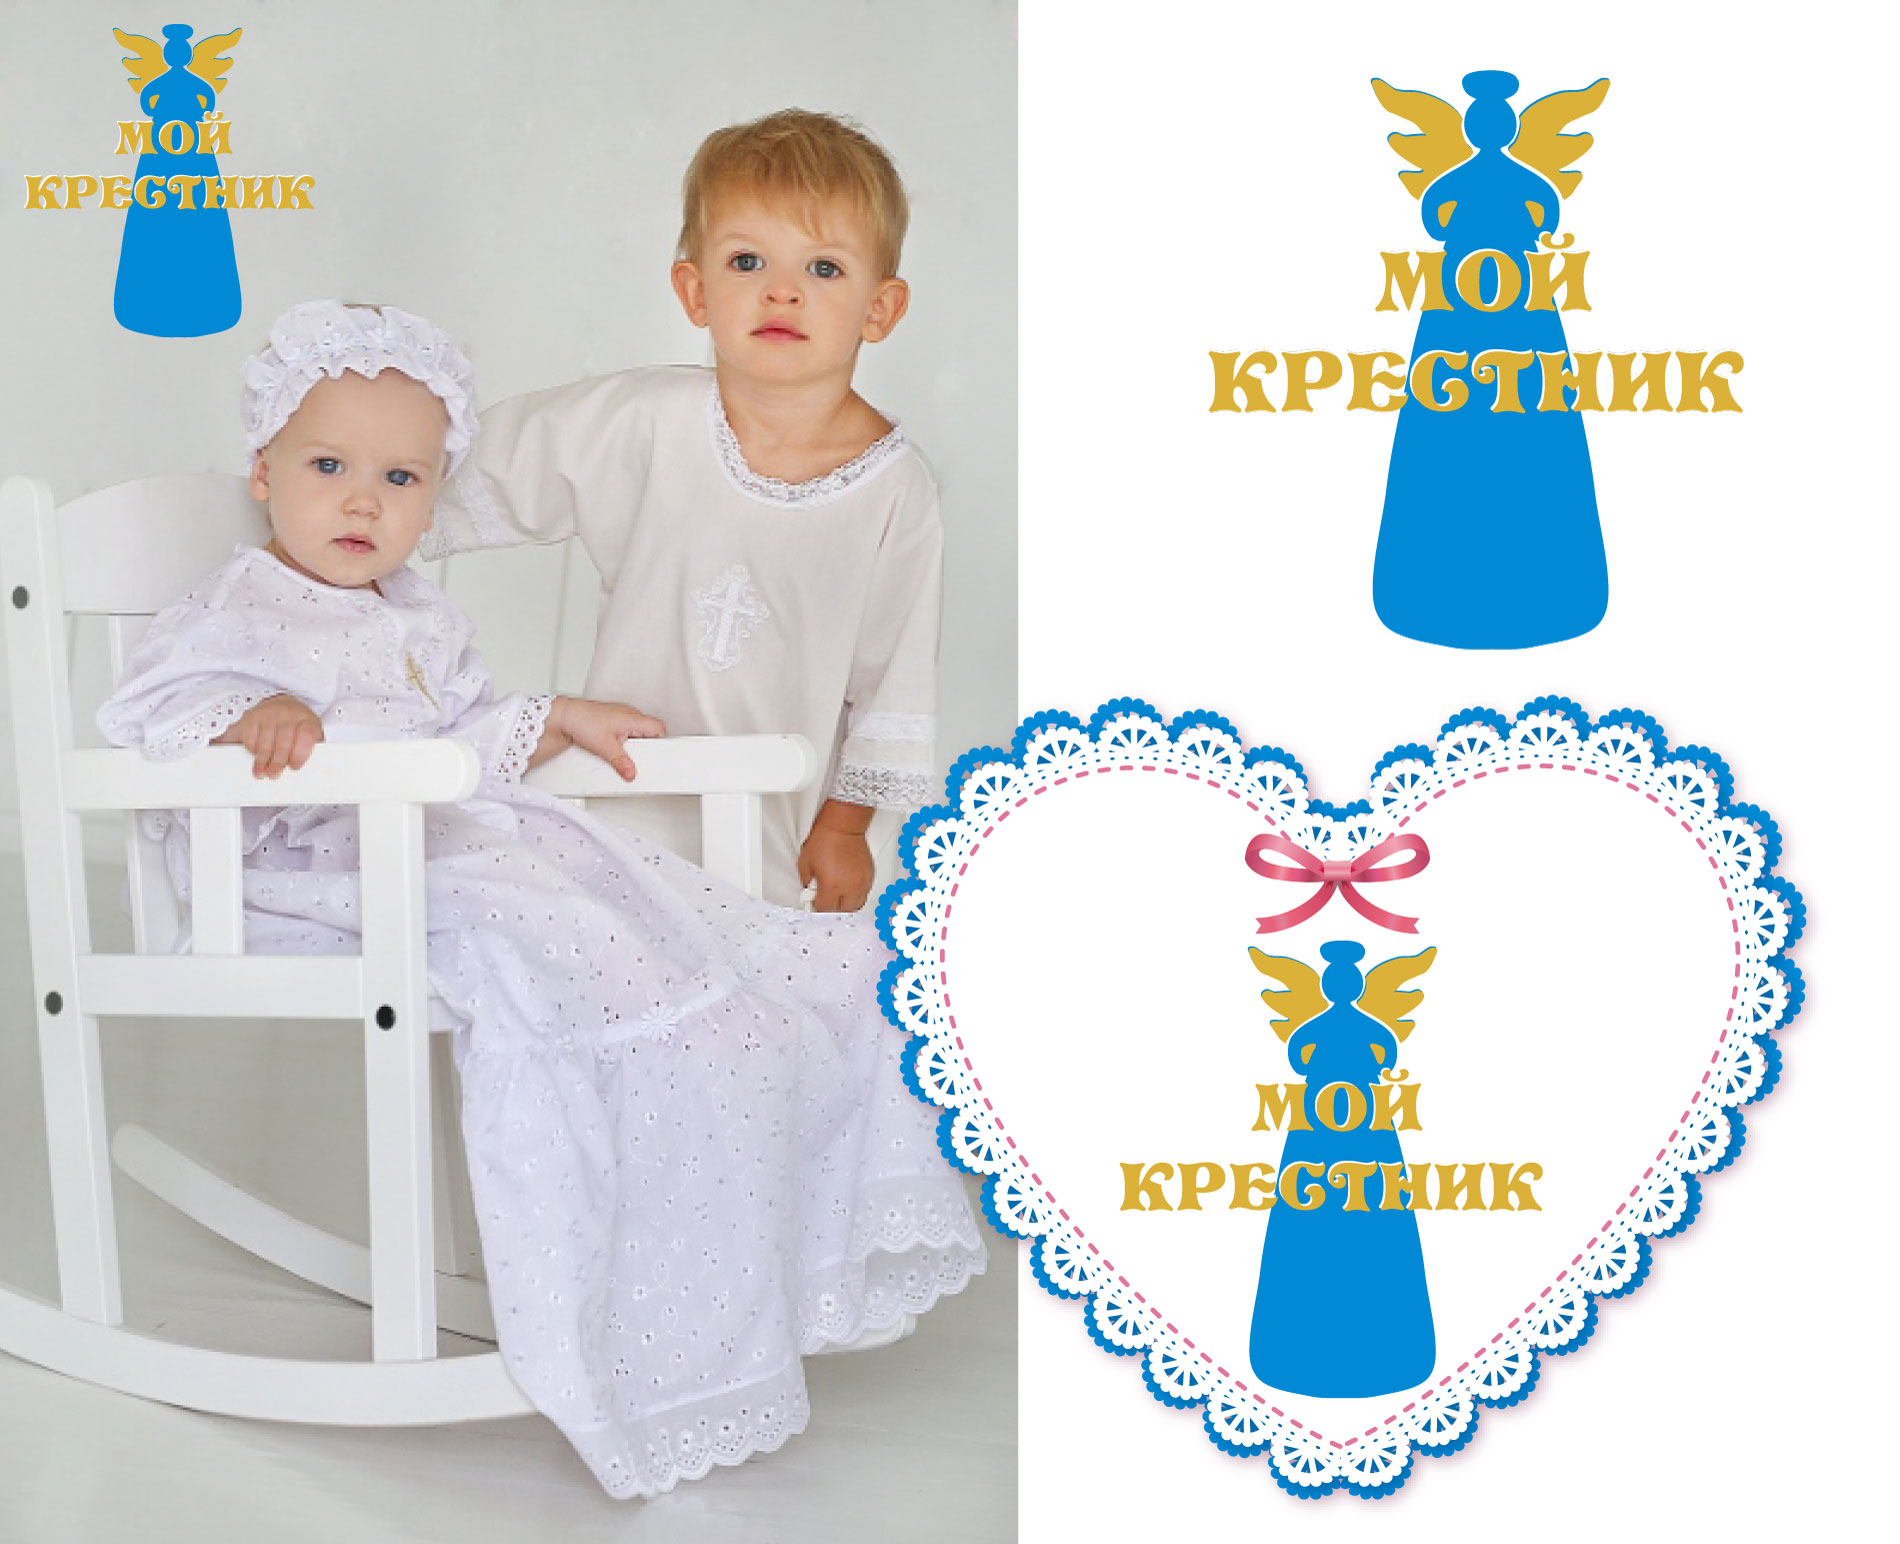 Логотип для крестильной одежды(детской). фото f_3245d57346f09680.jpg